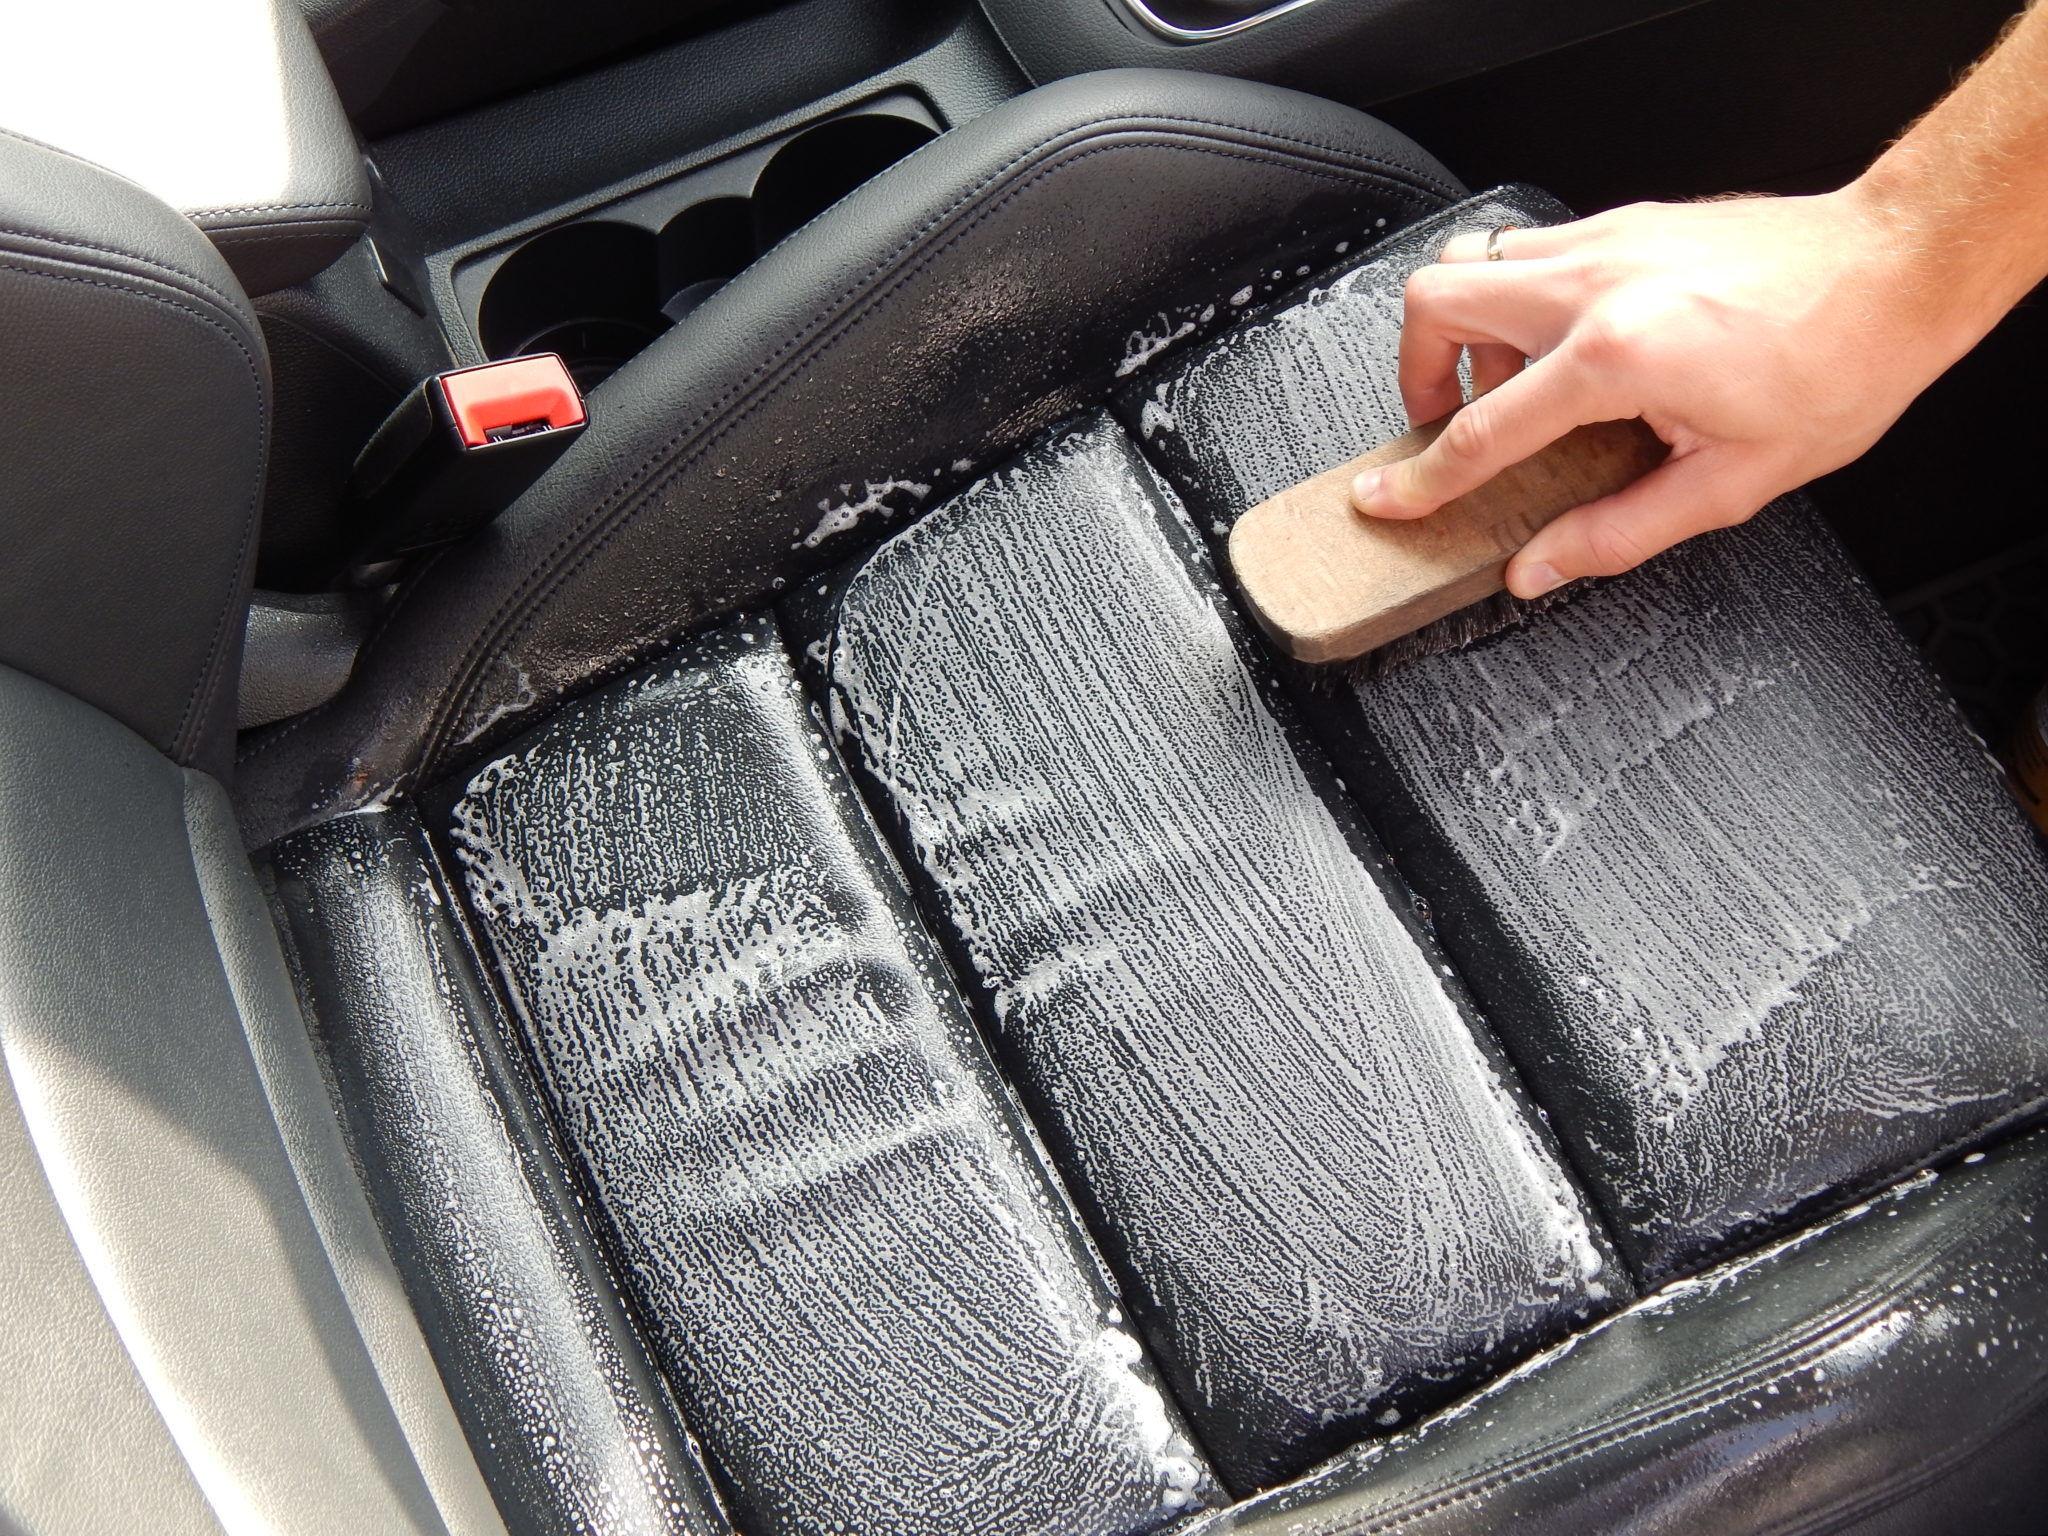 Interieur van uw auto laten reinigen op úw locatie? | Peak Perfection